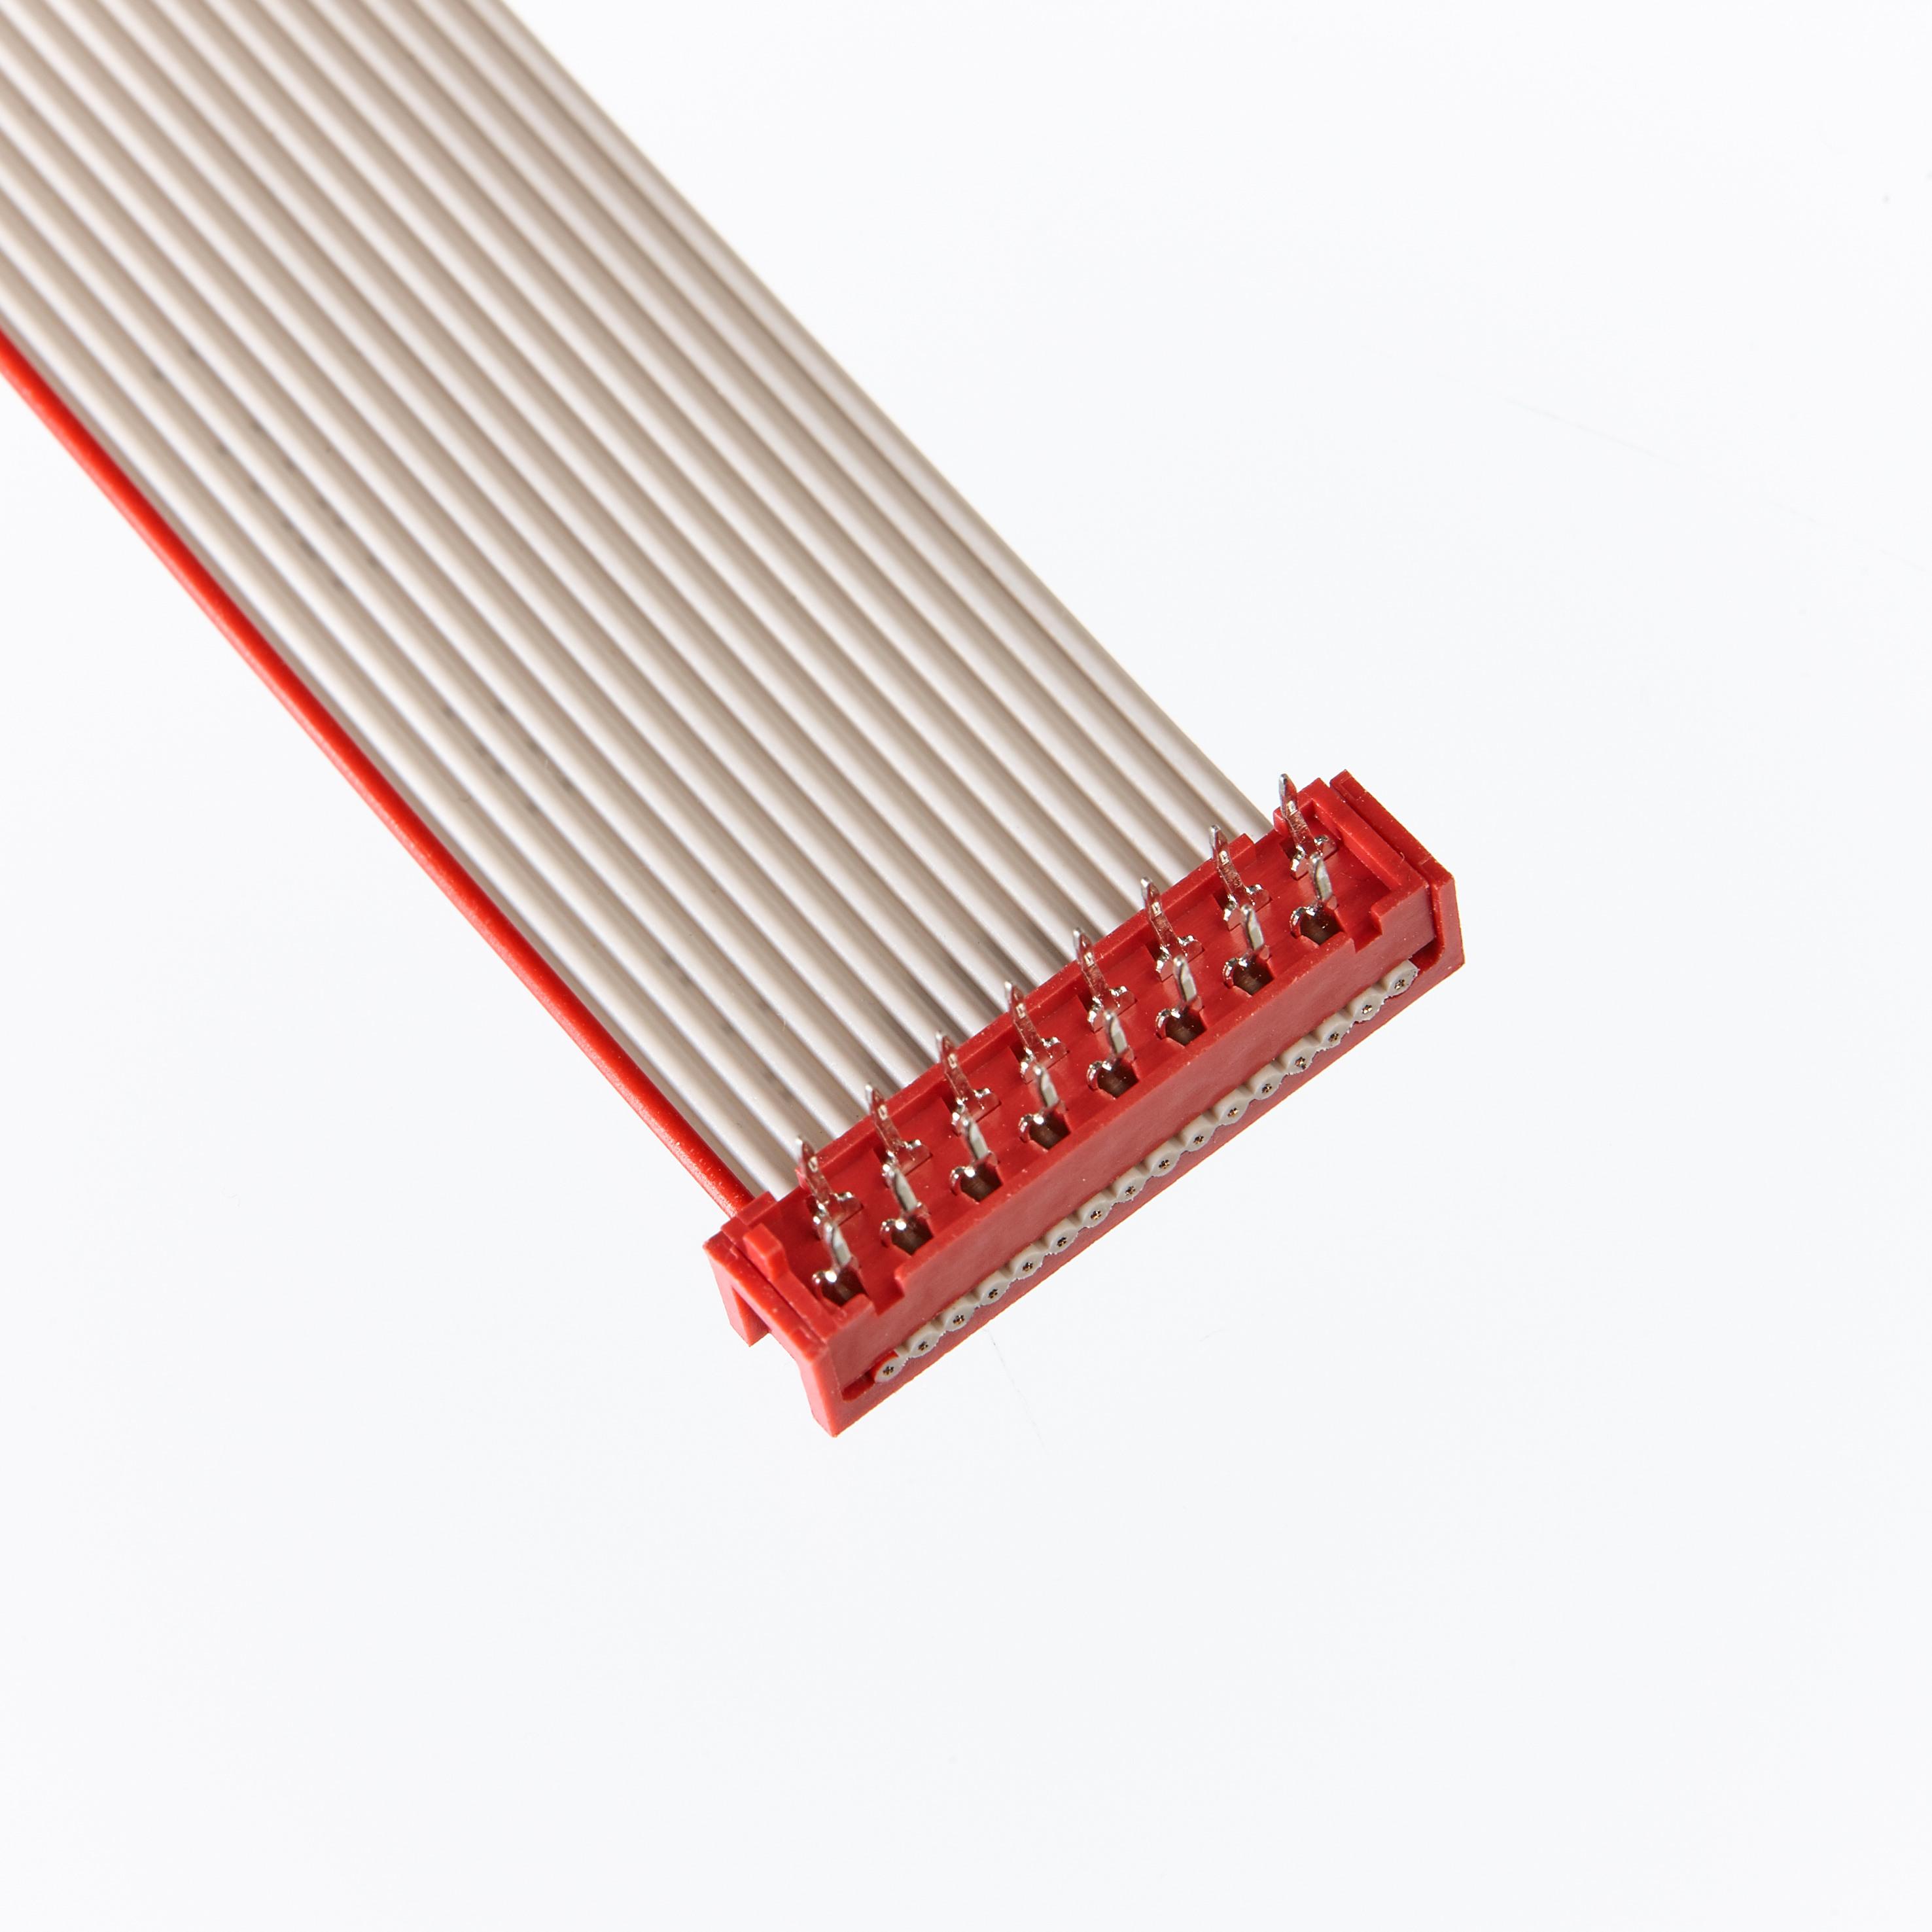 20Pcs 2.54 mm pitch 2x12 PIN 24 Broches Mâle Tête FD IDC Cable Transition Connecteur